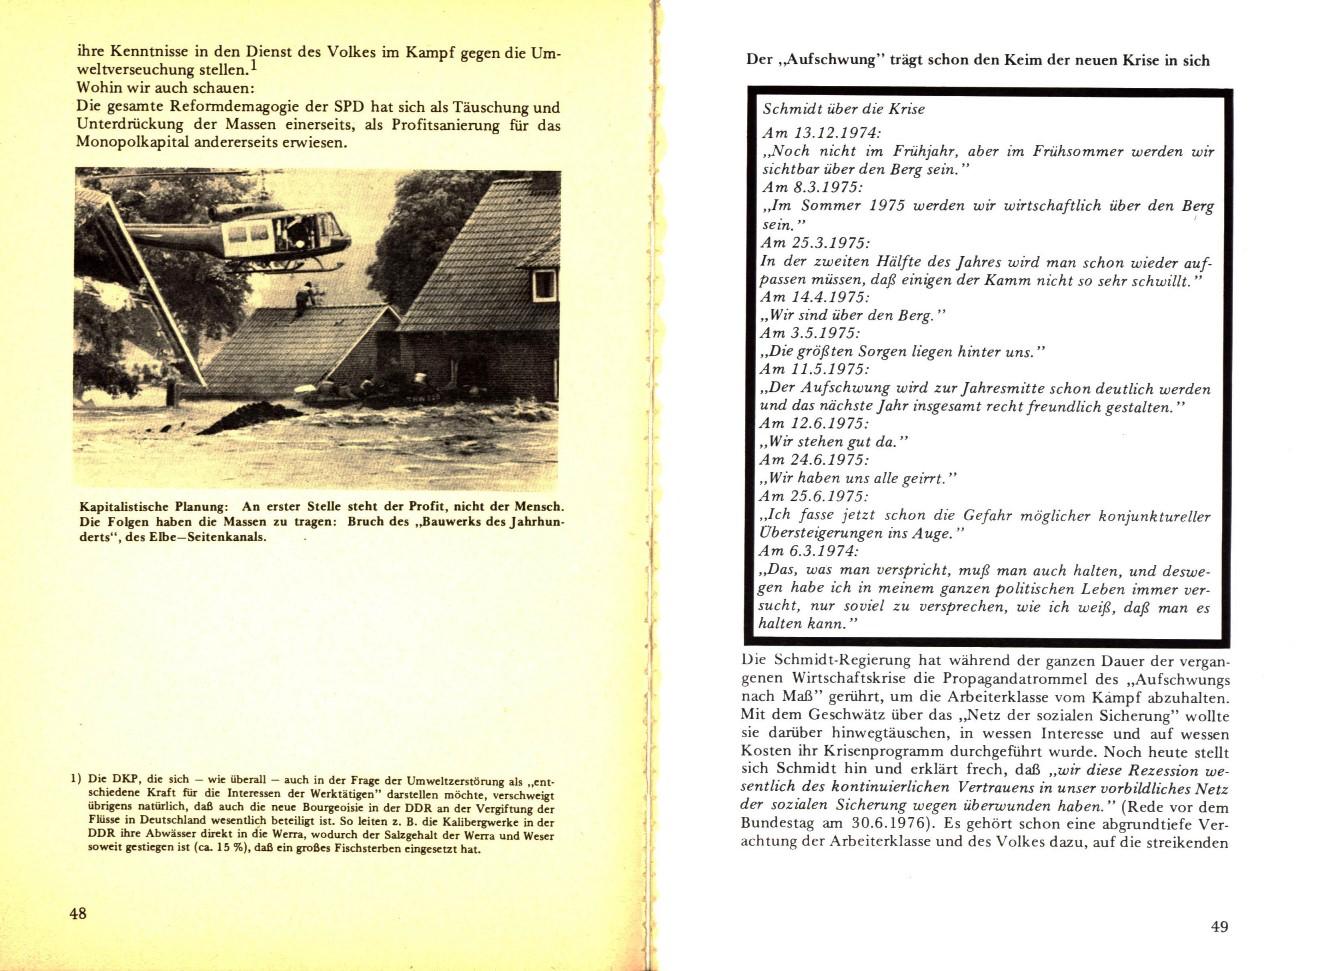 KPDAO_1976_Agitationsbroschuere_zur_BTW_26